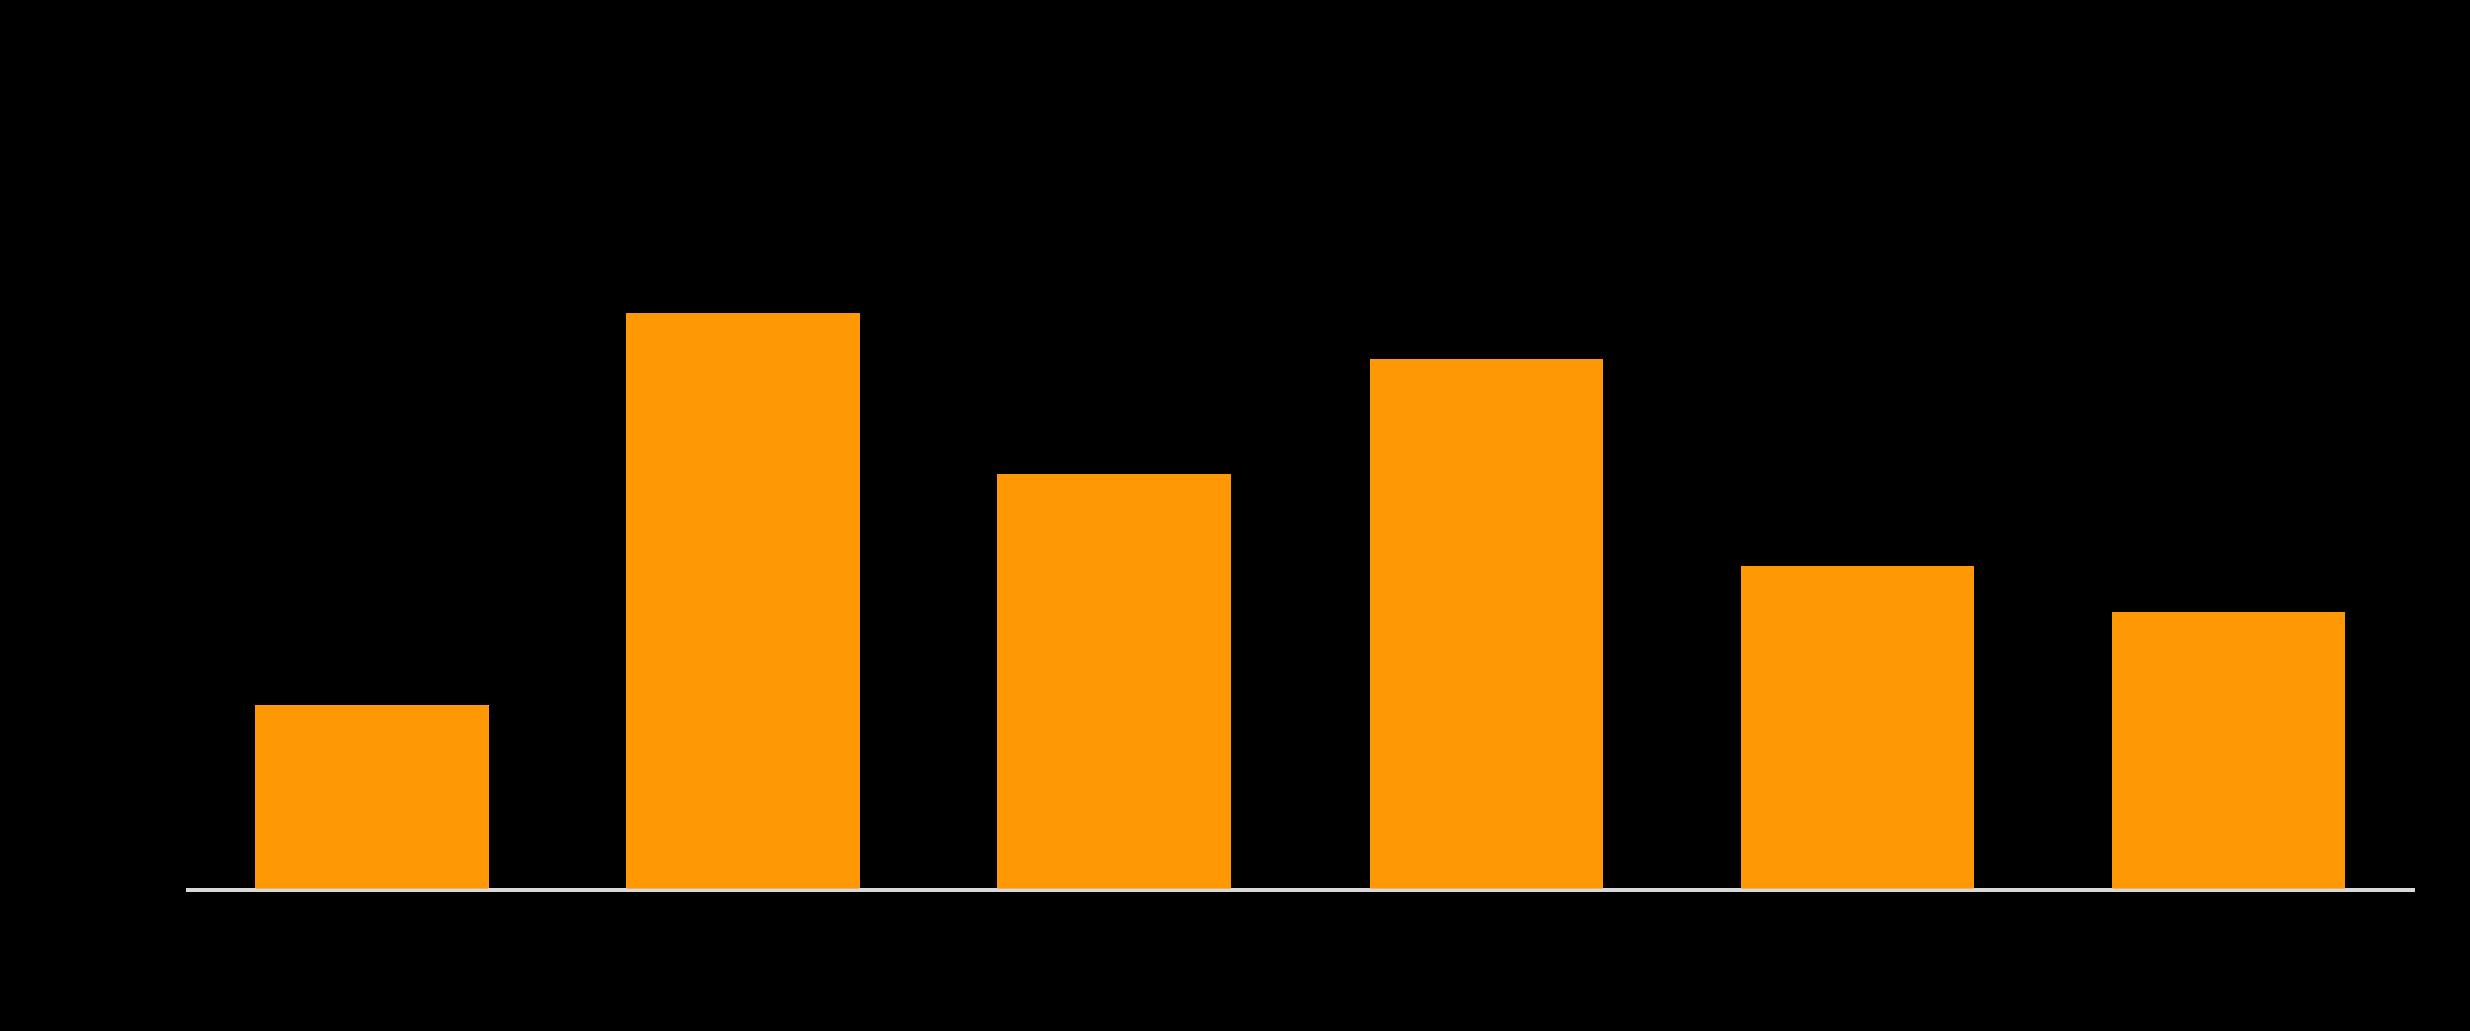 Eigene Kundendaten analysieren für Persona-Erstellung